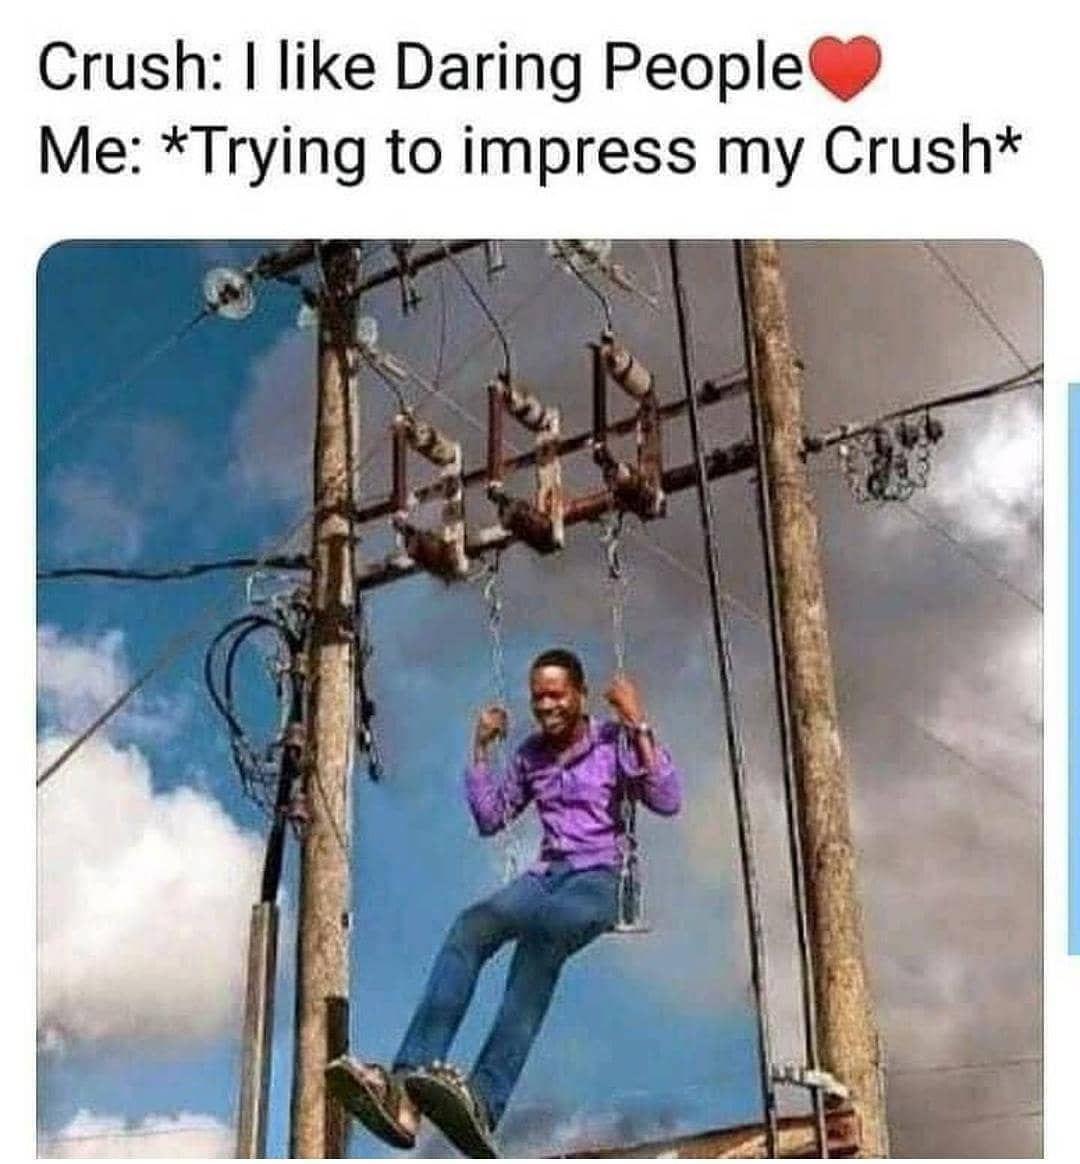 Kvians Meme Follow Kvians Meme For More Meme Posts Like This Meme Memesdaily Joker Jetha Bapuji English Memes Crushes Dares